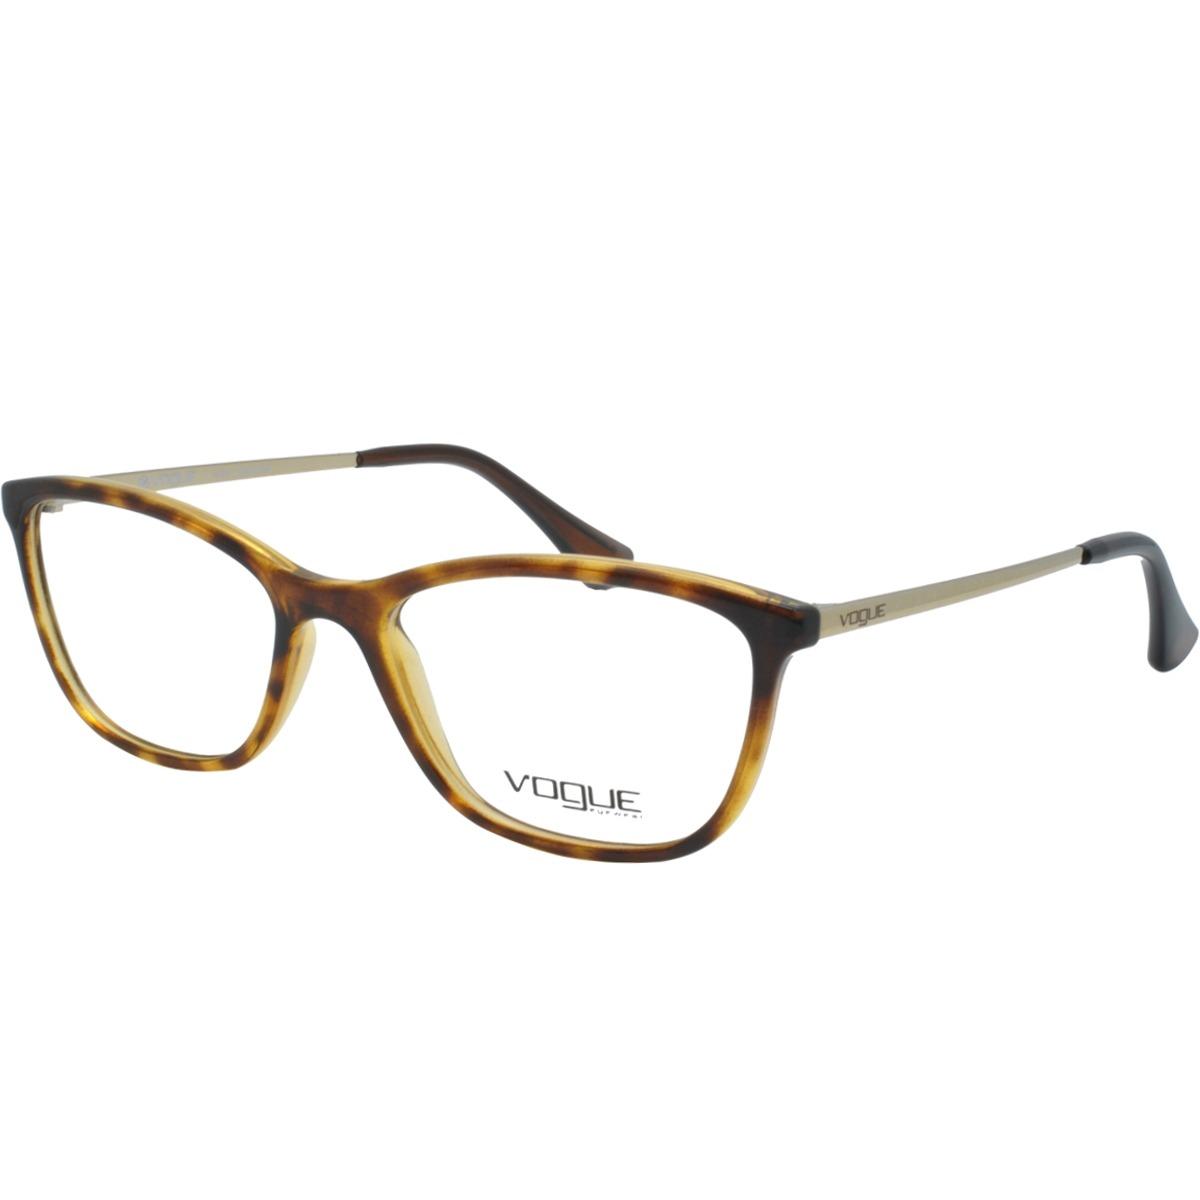 7c8d44bea8e3a óculos de grau vogue feminino original vo5219l w656. Carregando zoom.